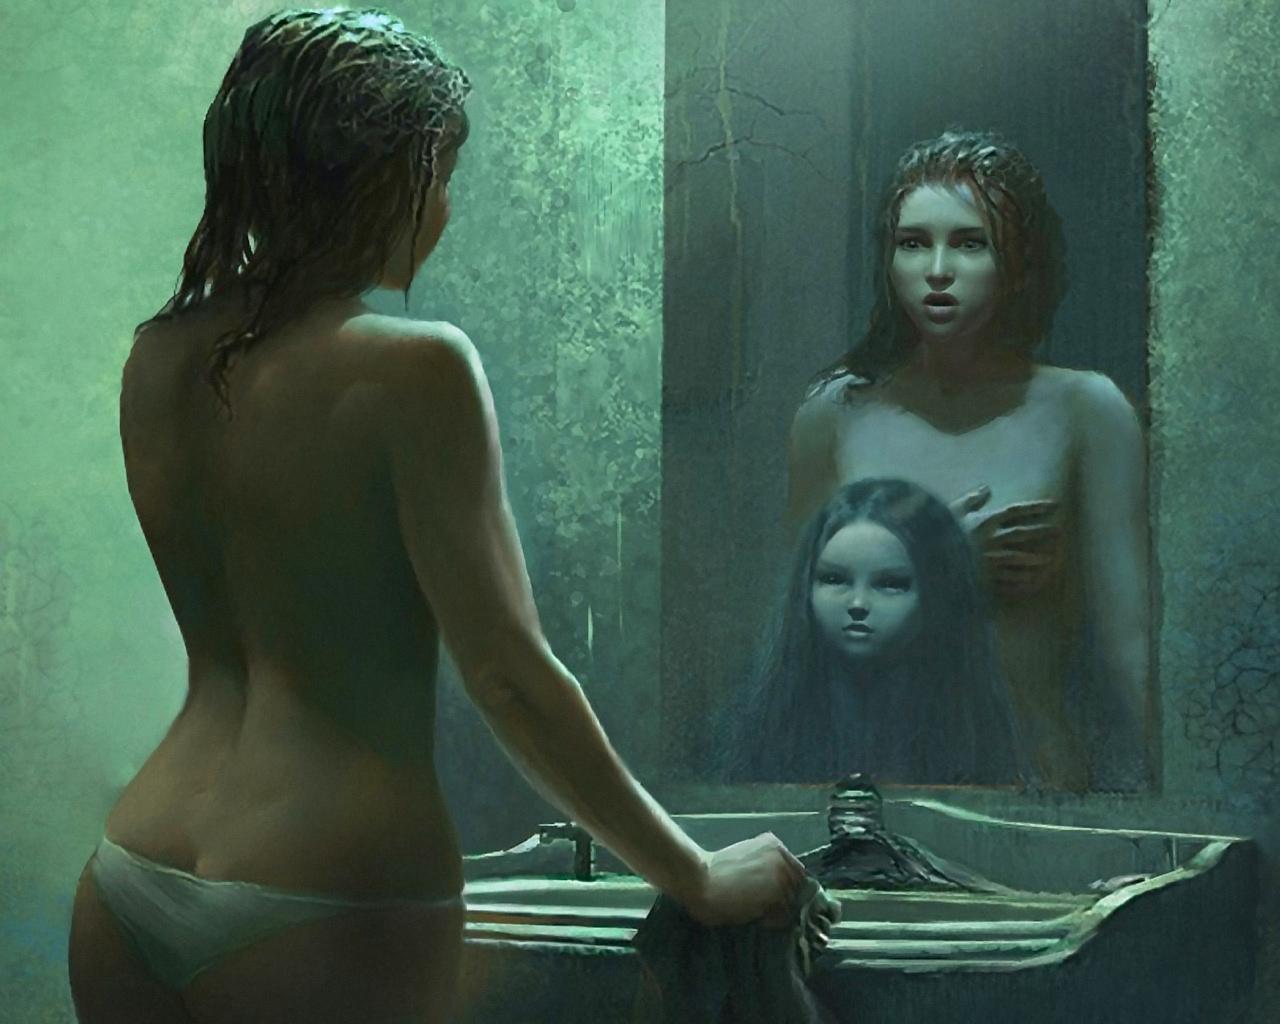 Фото голых девочек в зеркале 2 фотография